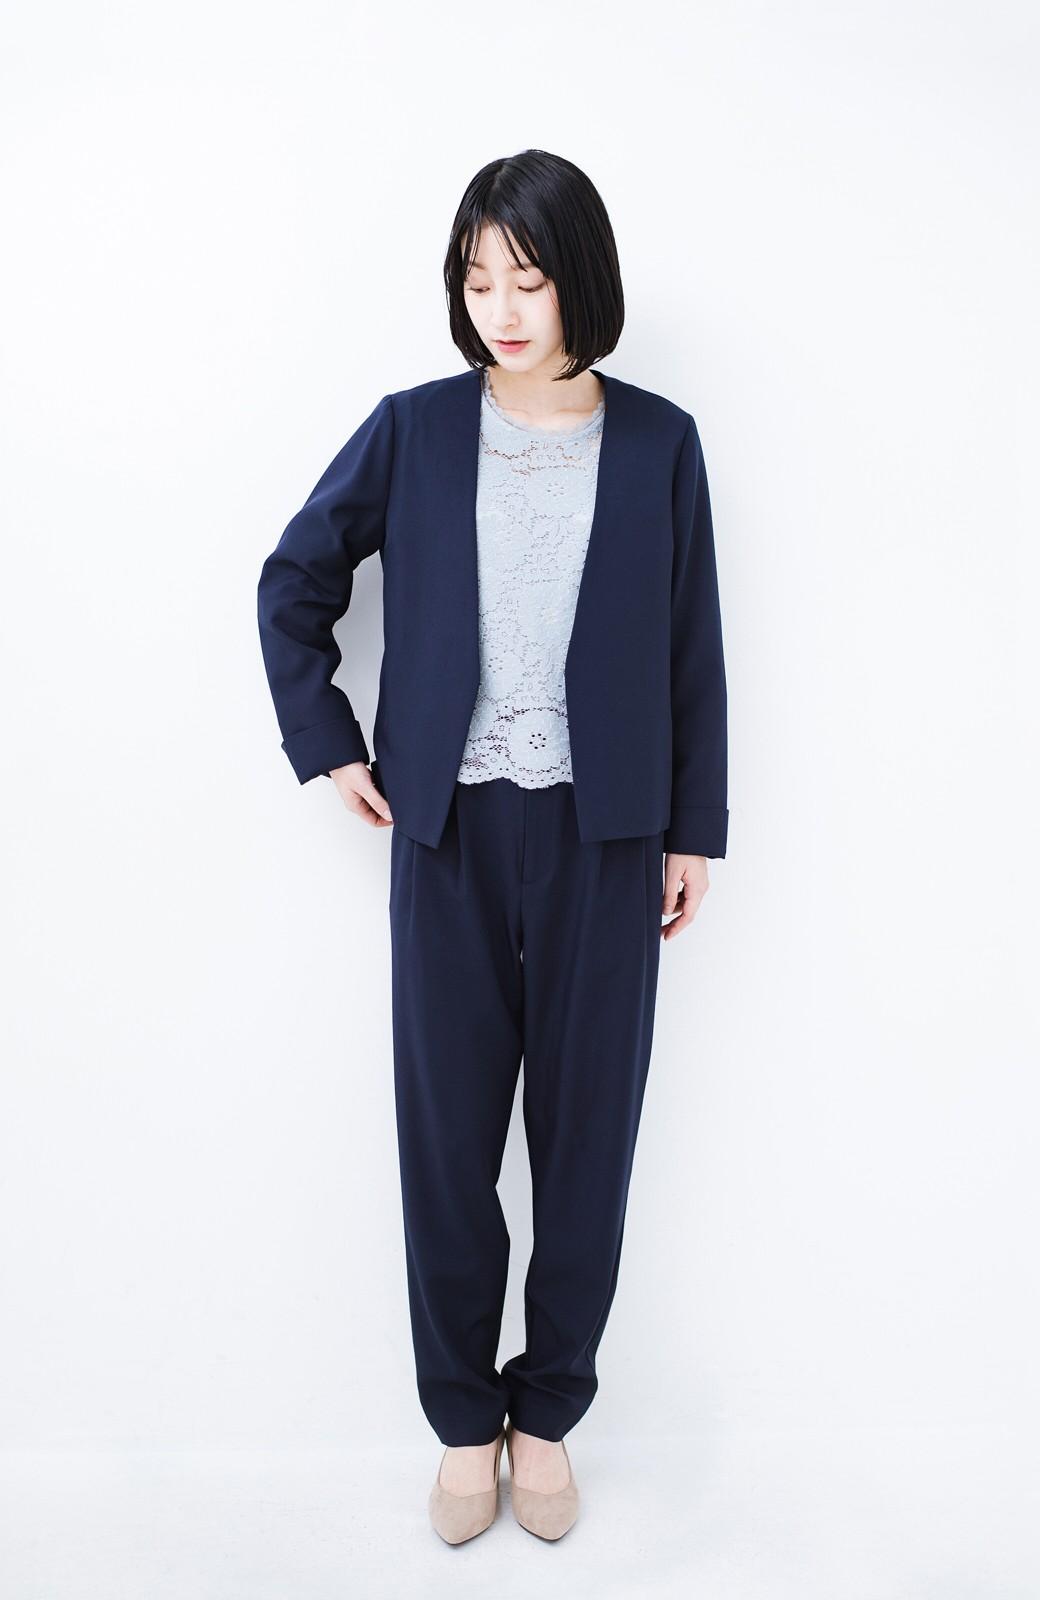 haco! 持っていると便利な野暮ったくならないフォーマルジャケット・パンツ・スカートの3点セット <ダークネイビー>の商品写真10